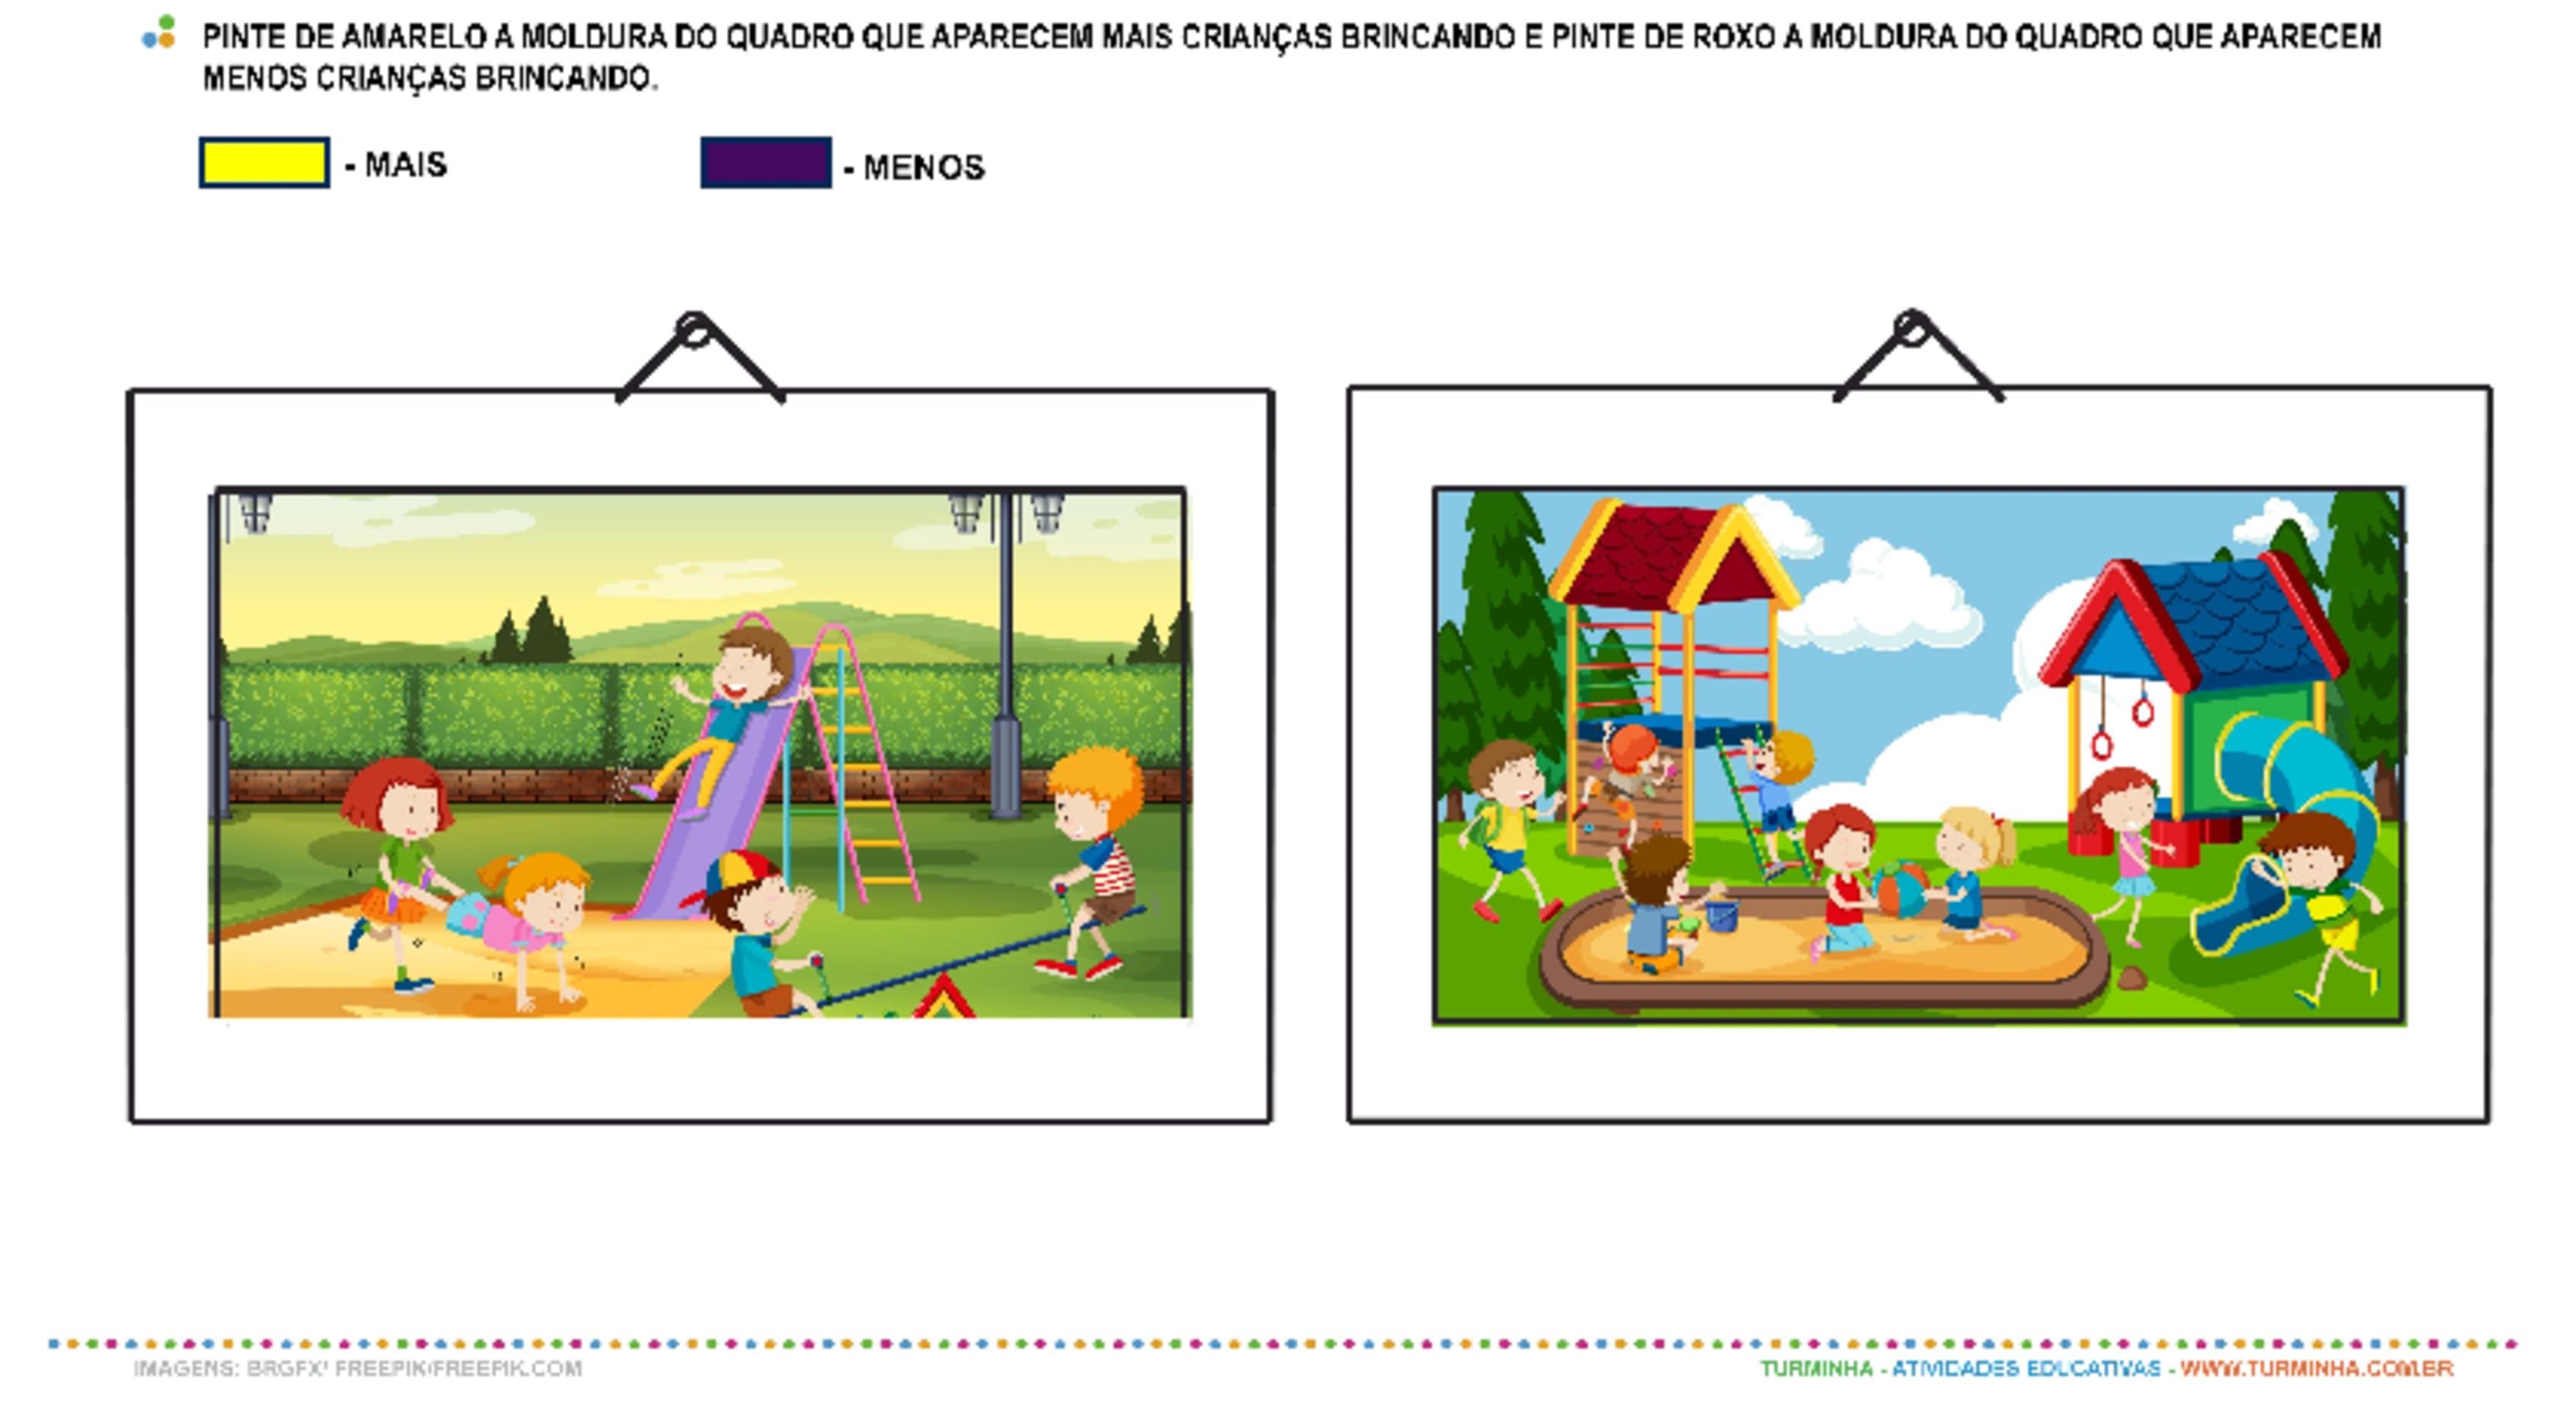 Crianças Brincando - Mais e Menos - atividade educativa para Pré-Escola (4 e 5 anos)